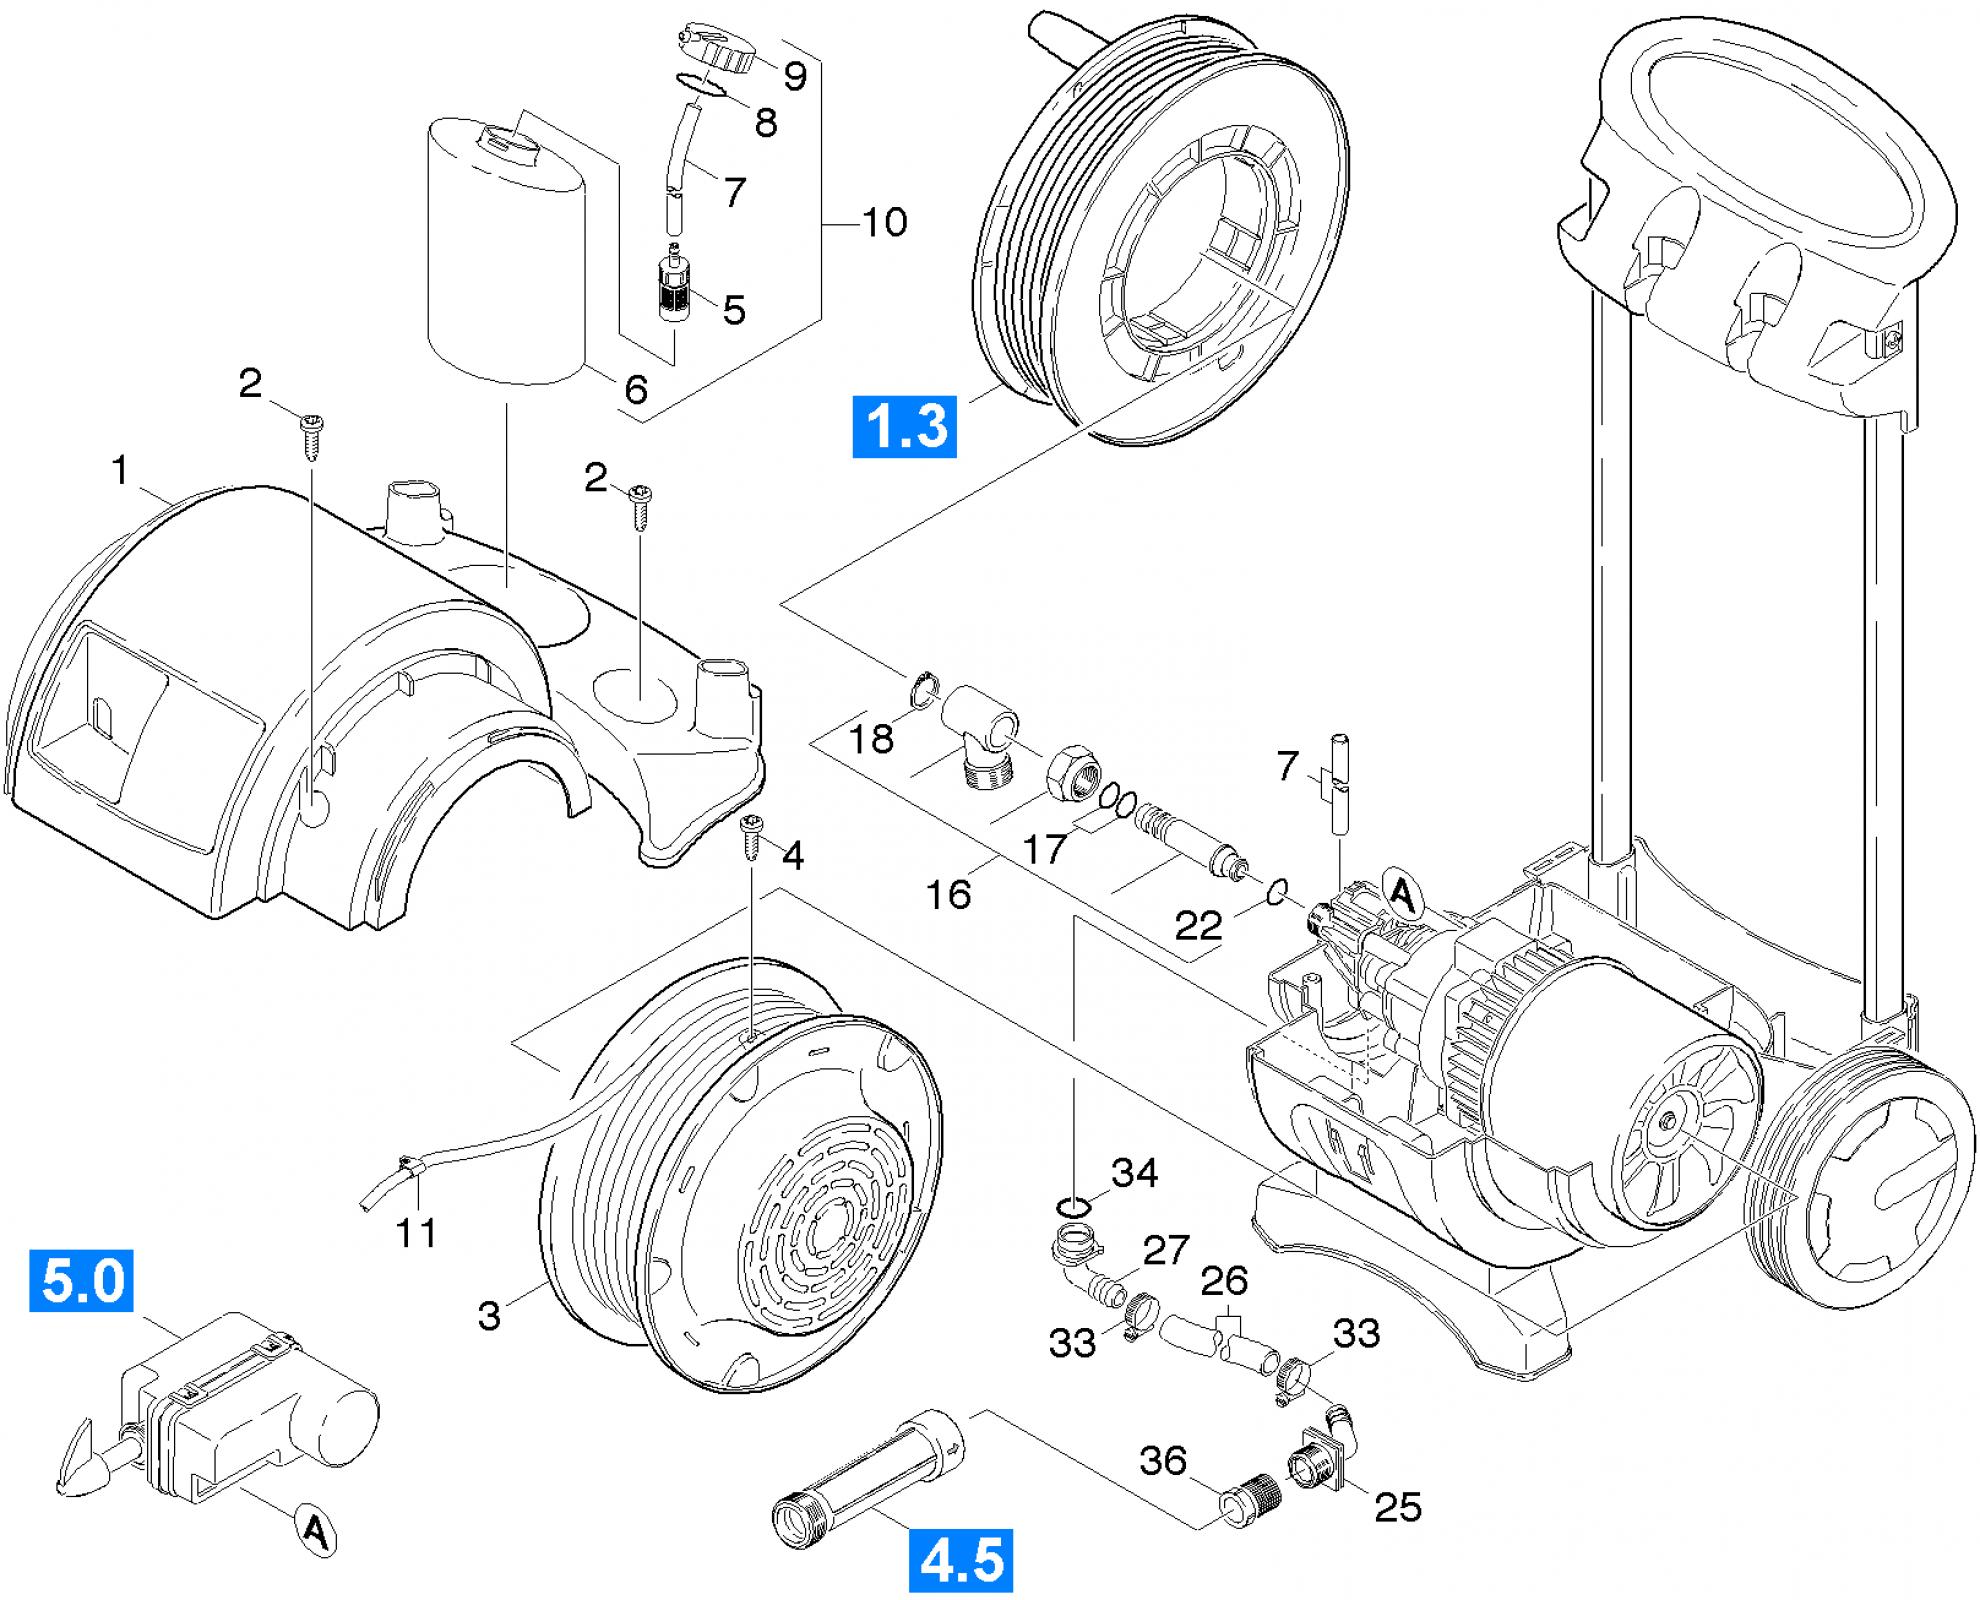 Pi ces d tach es pour nettoyeur haute pression k 550 ms - Pieces detachees karcher ...